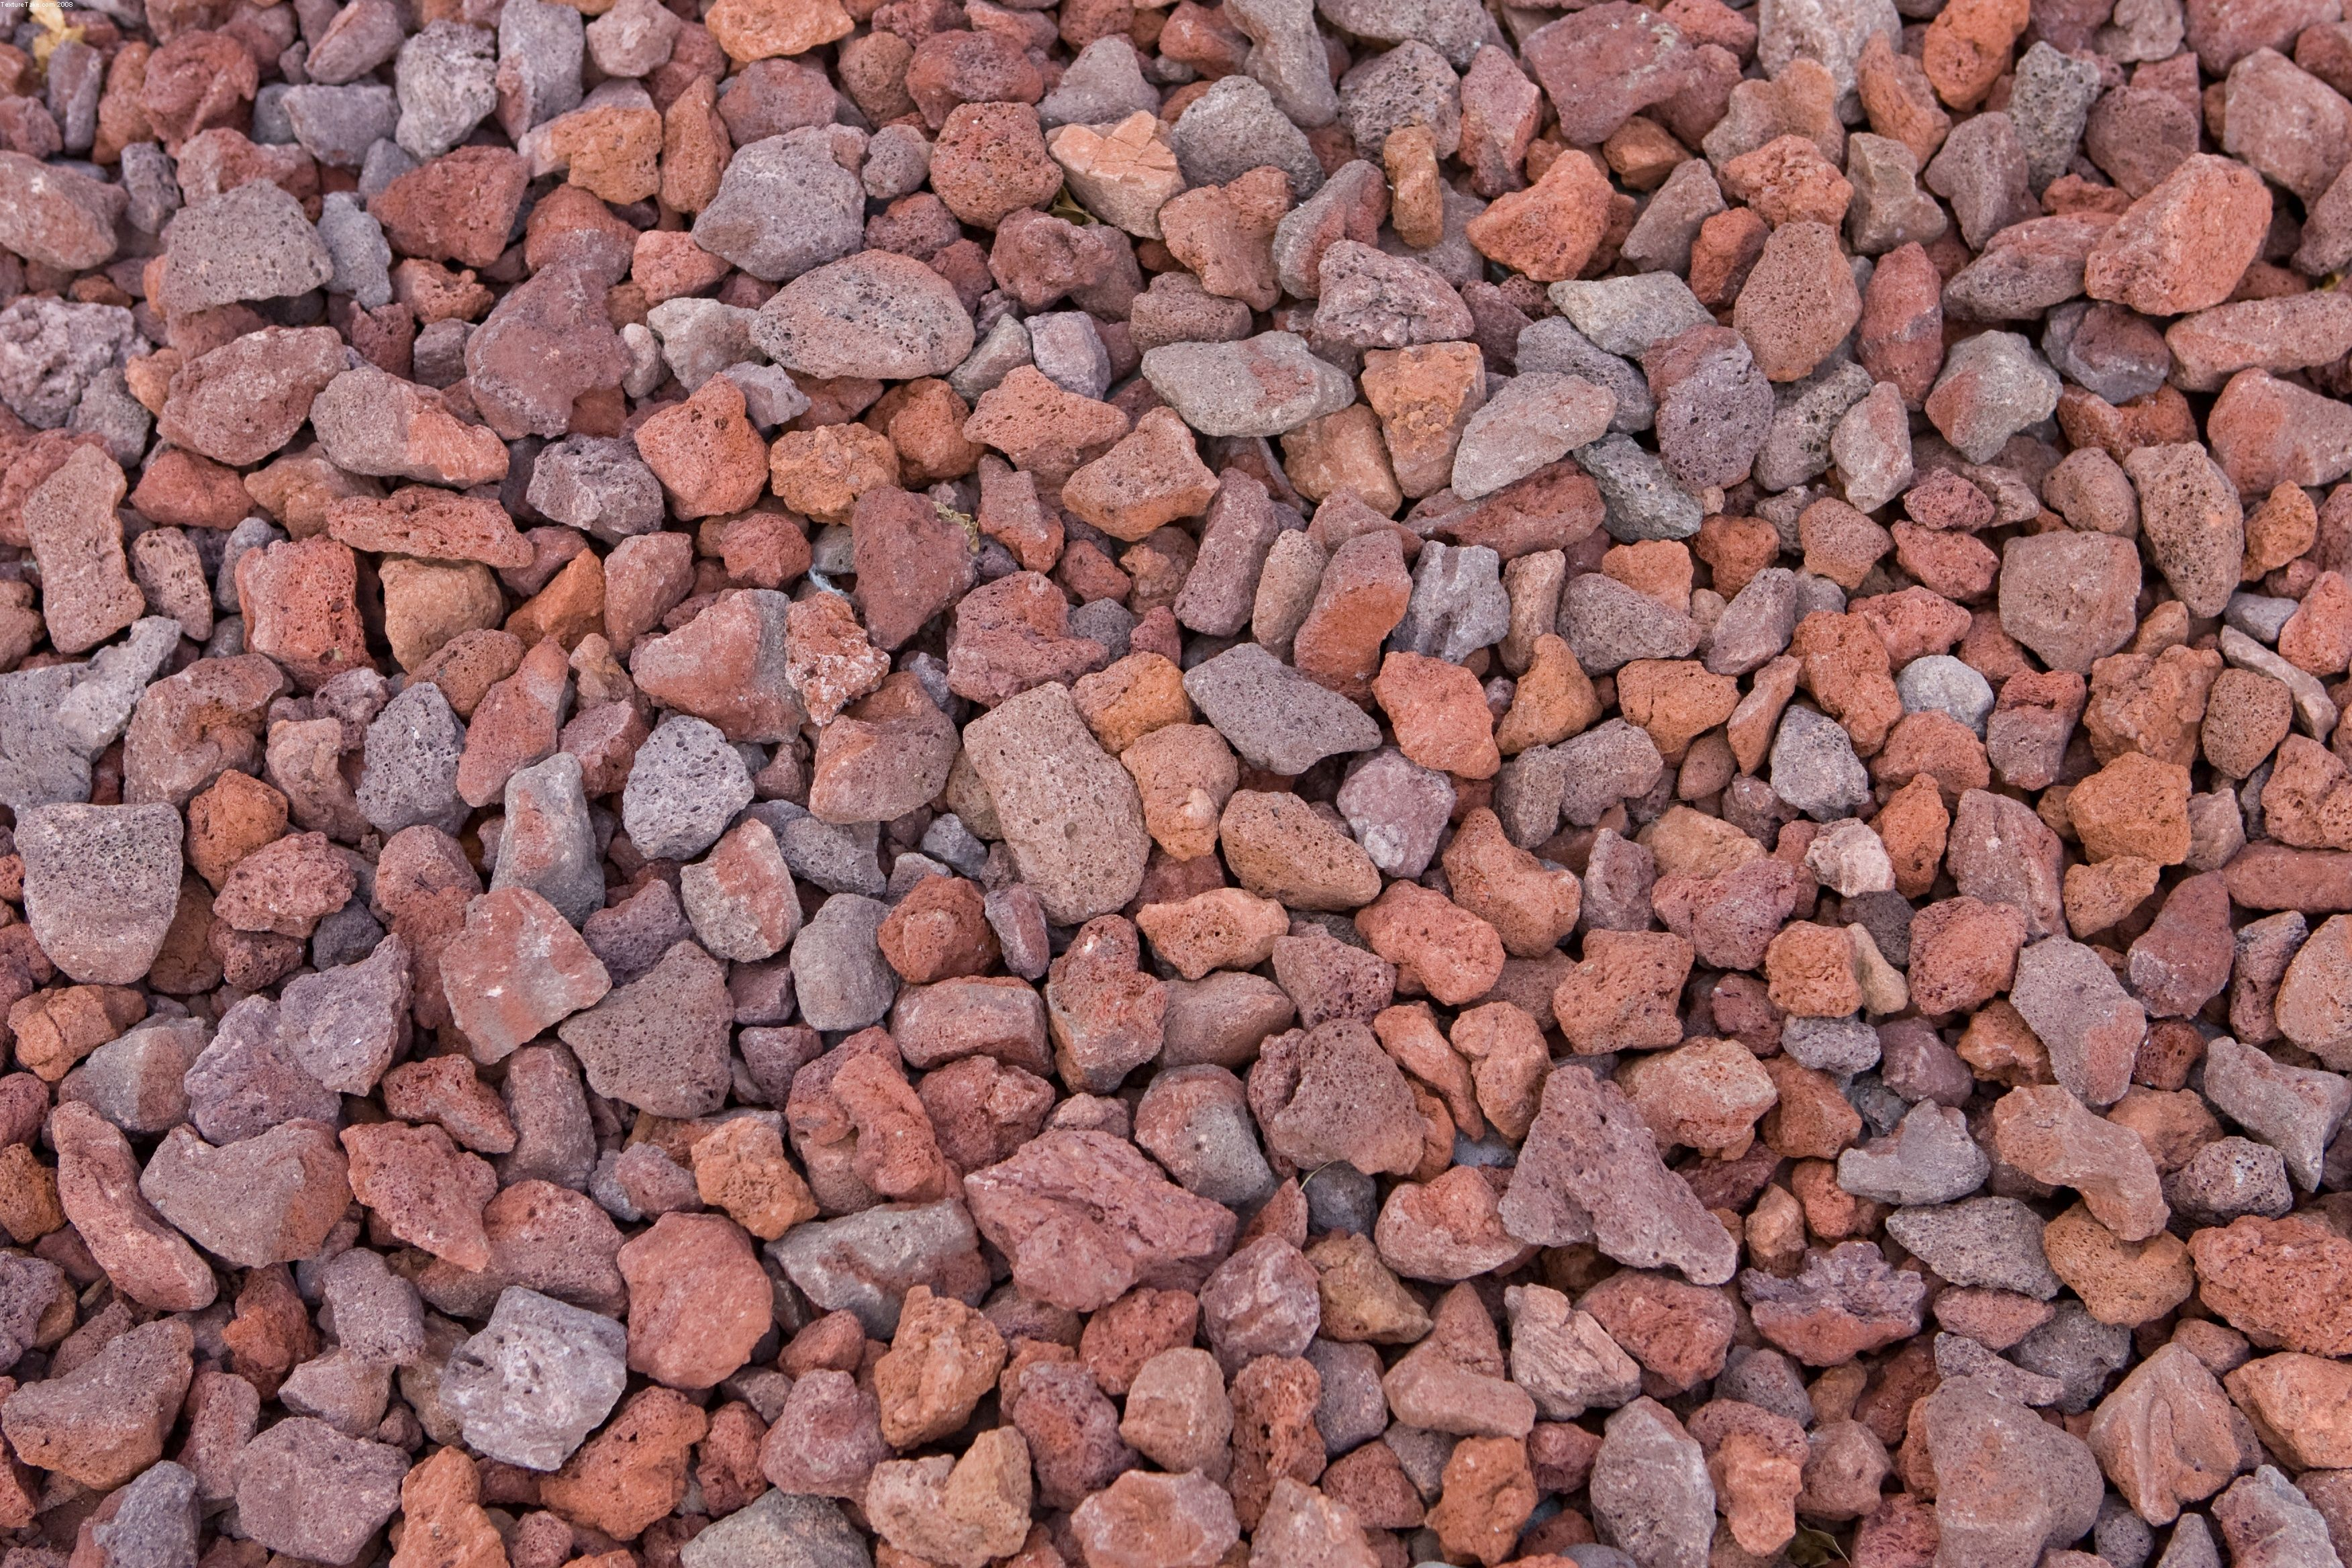 stunning garden soil home depot. Astounding Lava Rock Landscaping Home Depot and lava rock garden soil